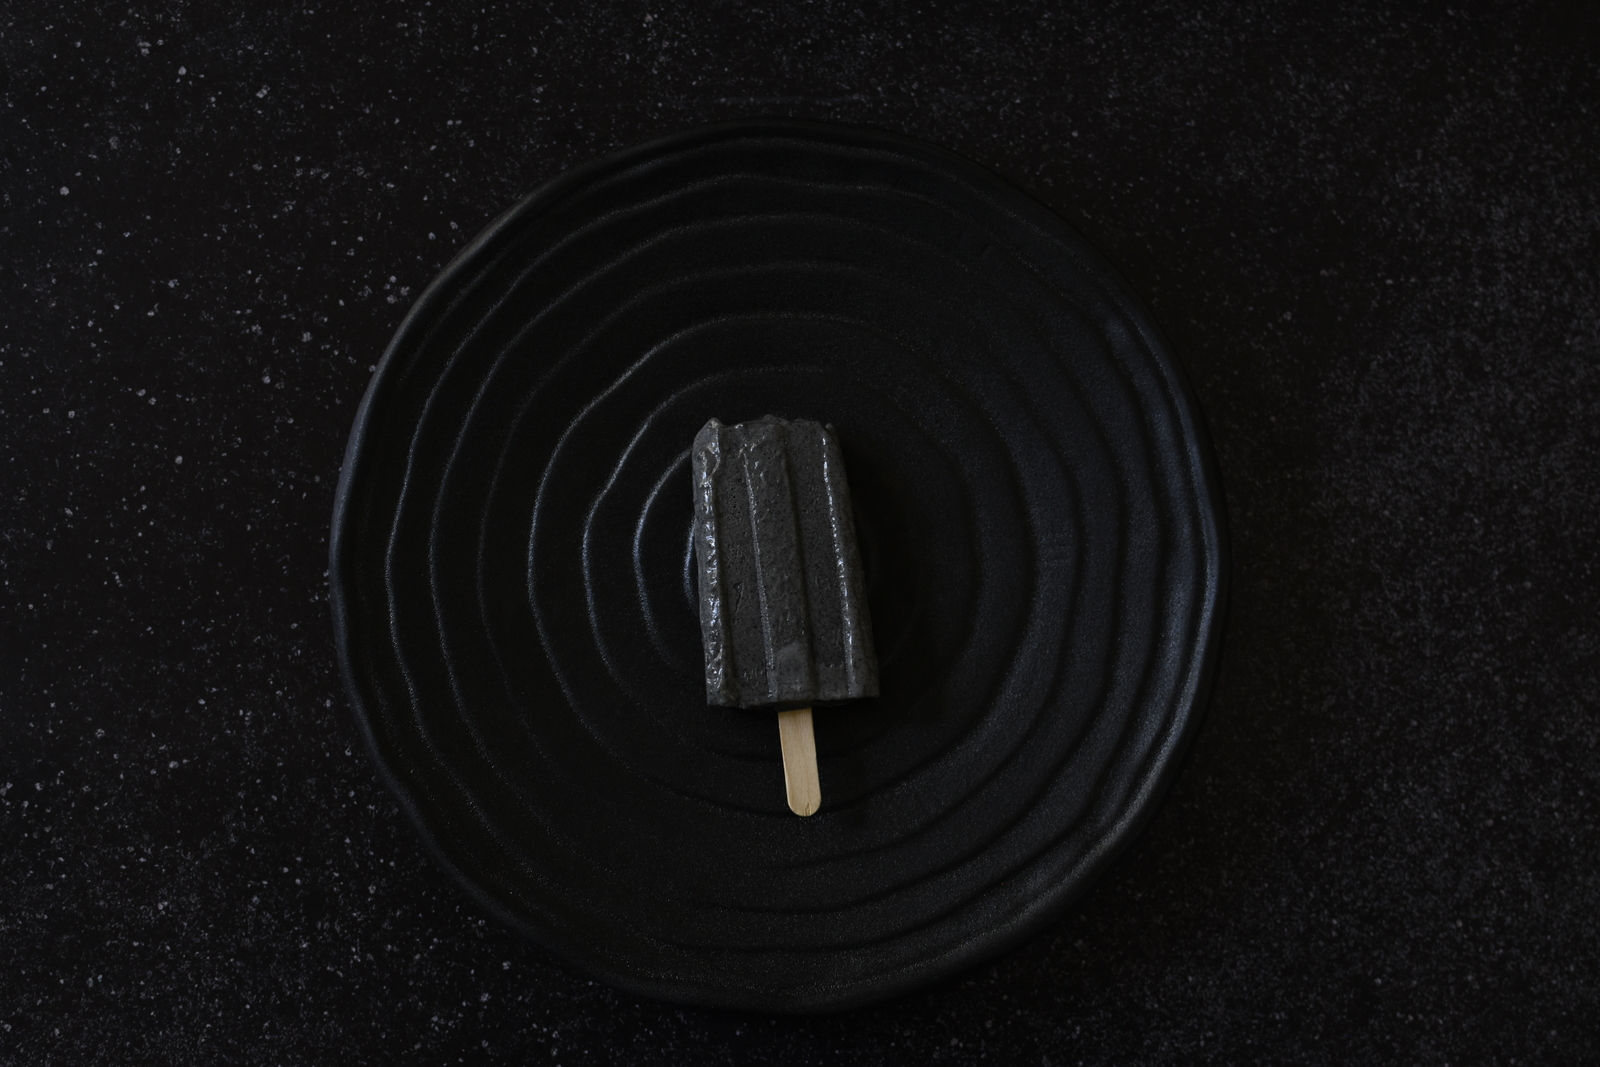 גלידת שומשום שחור וקצח לריענון הקיץ עם טעמים חדשים ולא שגרתיים